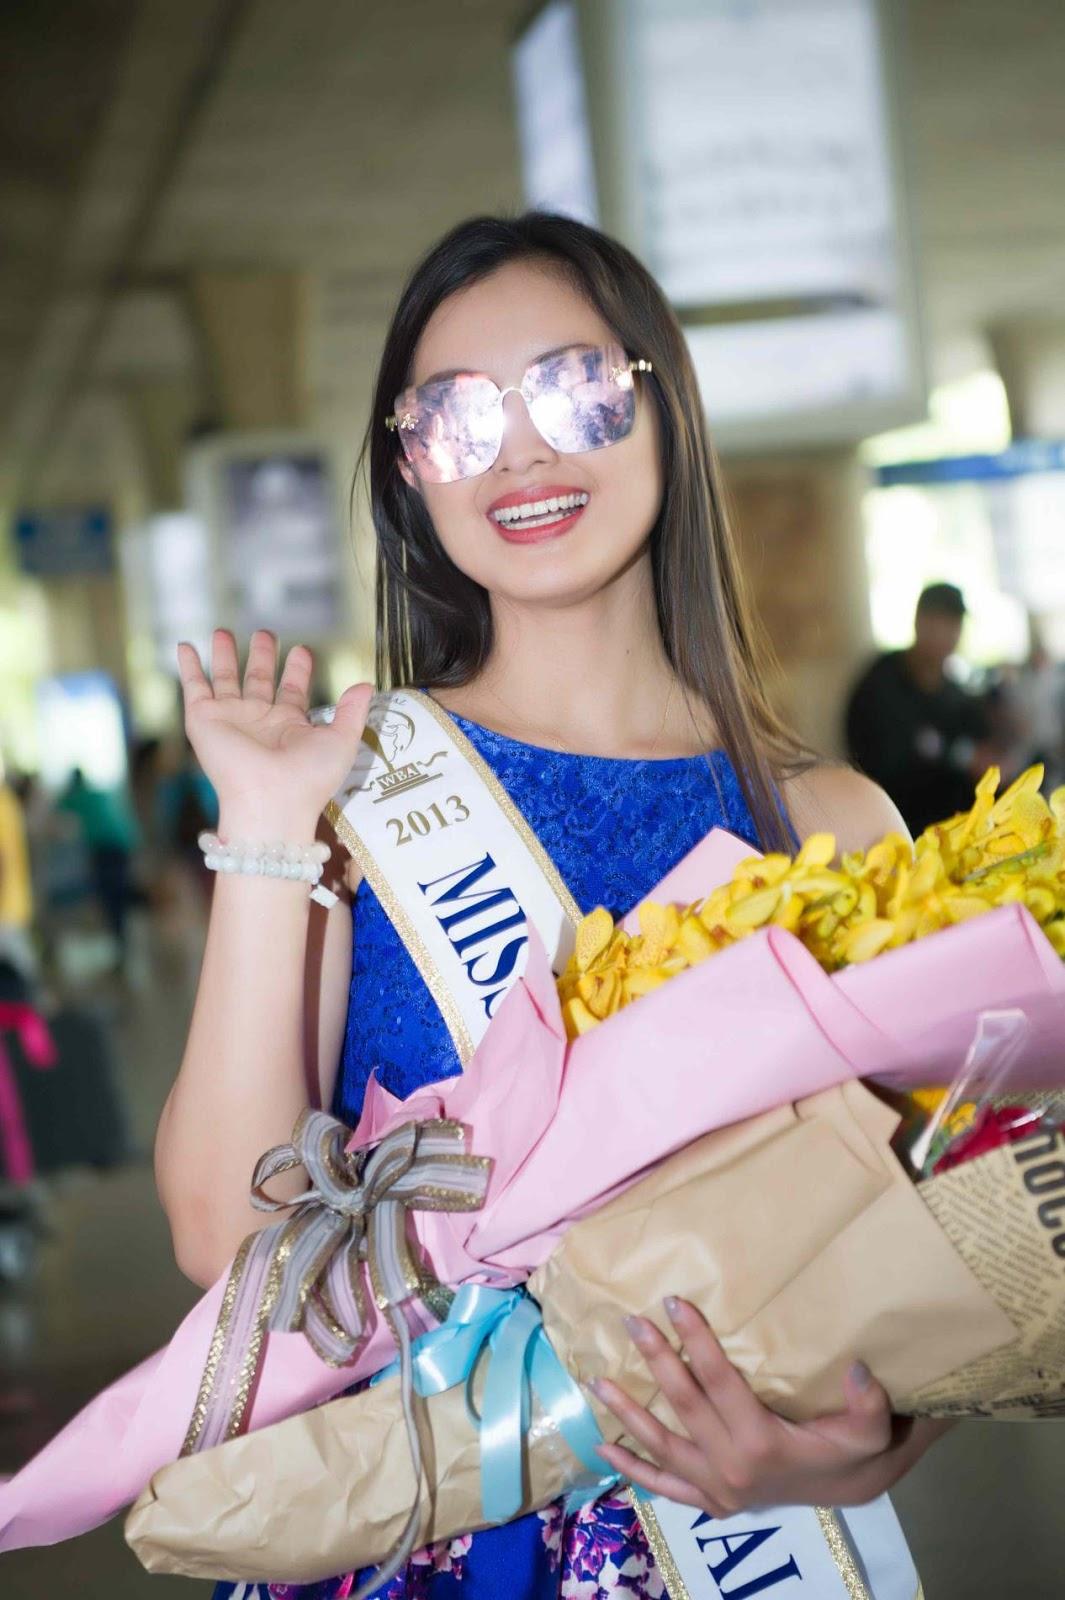 Miss Supranational 2013 Mutya Johanna Datul tự tin khoe sắc vóc trong ngày đầu có mặt tại Việt Nam - Hình 3